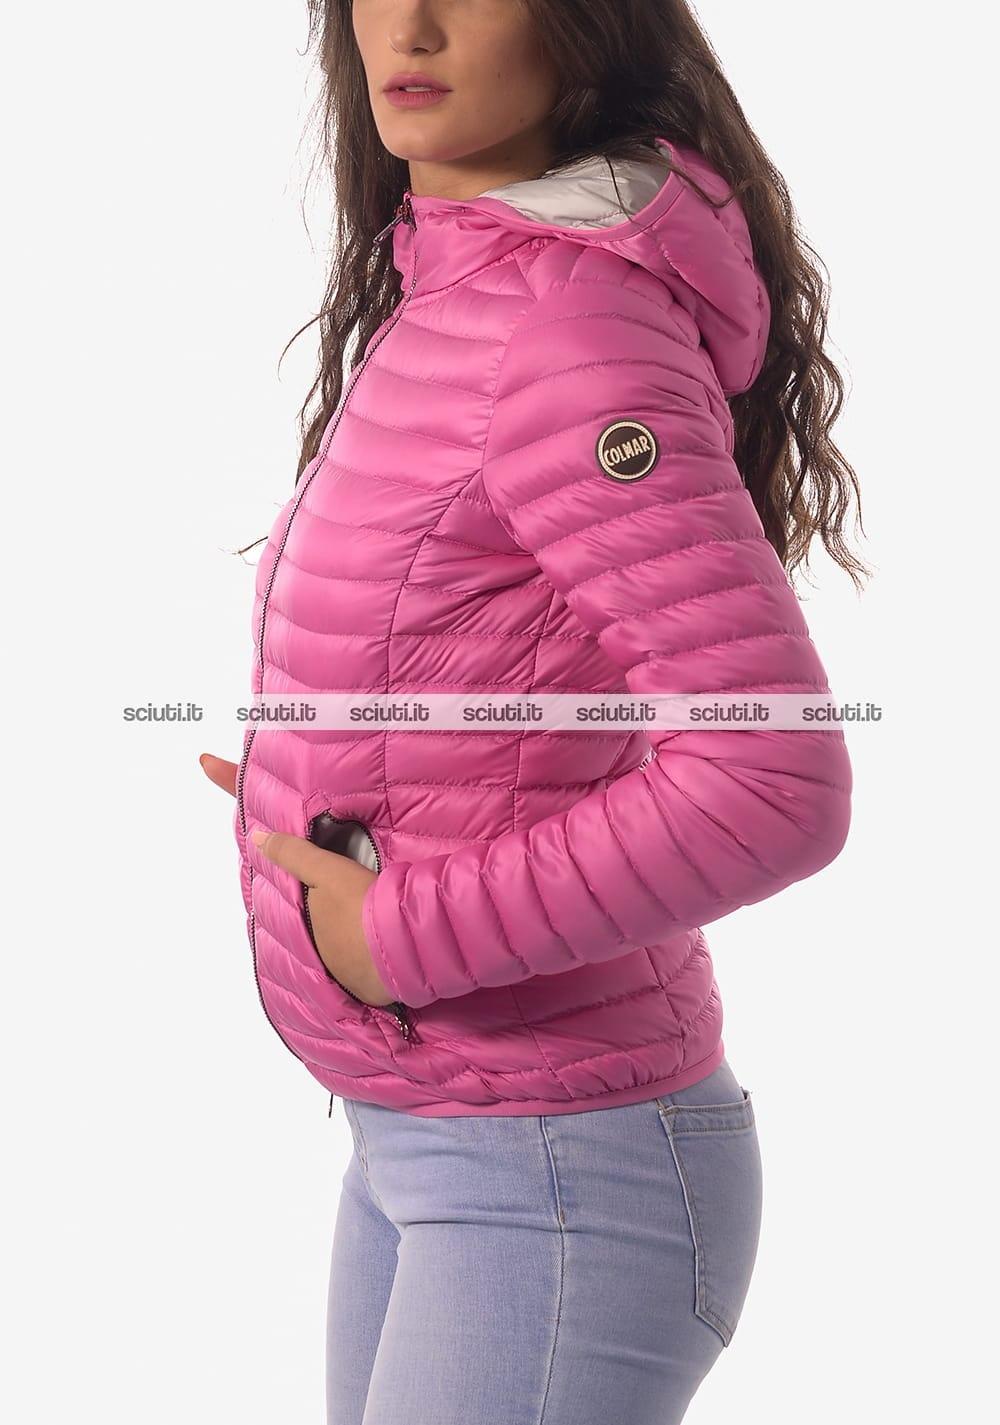 sale retailer ab4e5 6c98d Piumino Colmar donna fucsia leggero con cappuccio | Sciuti.it